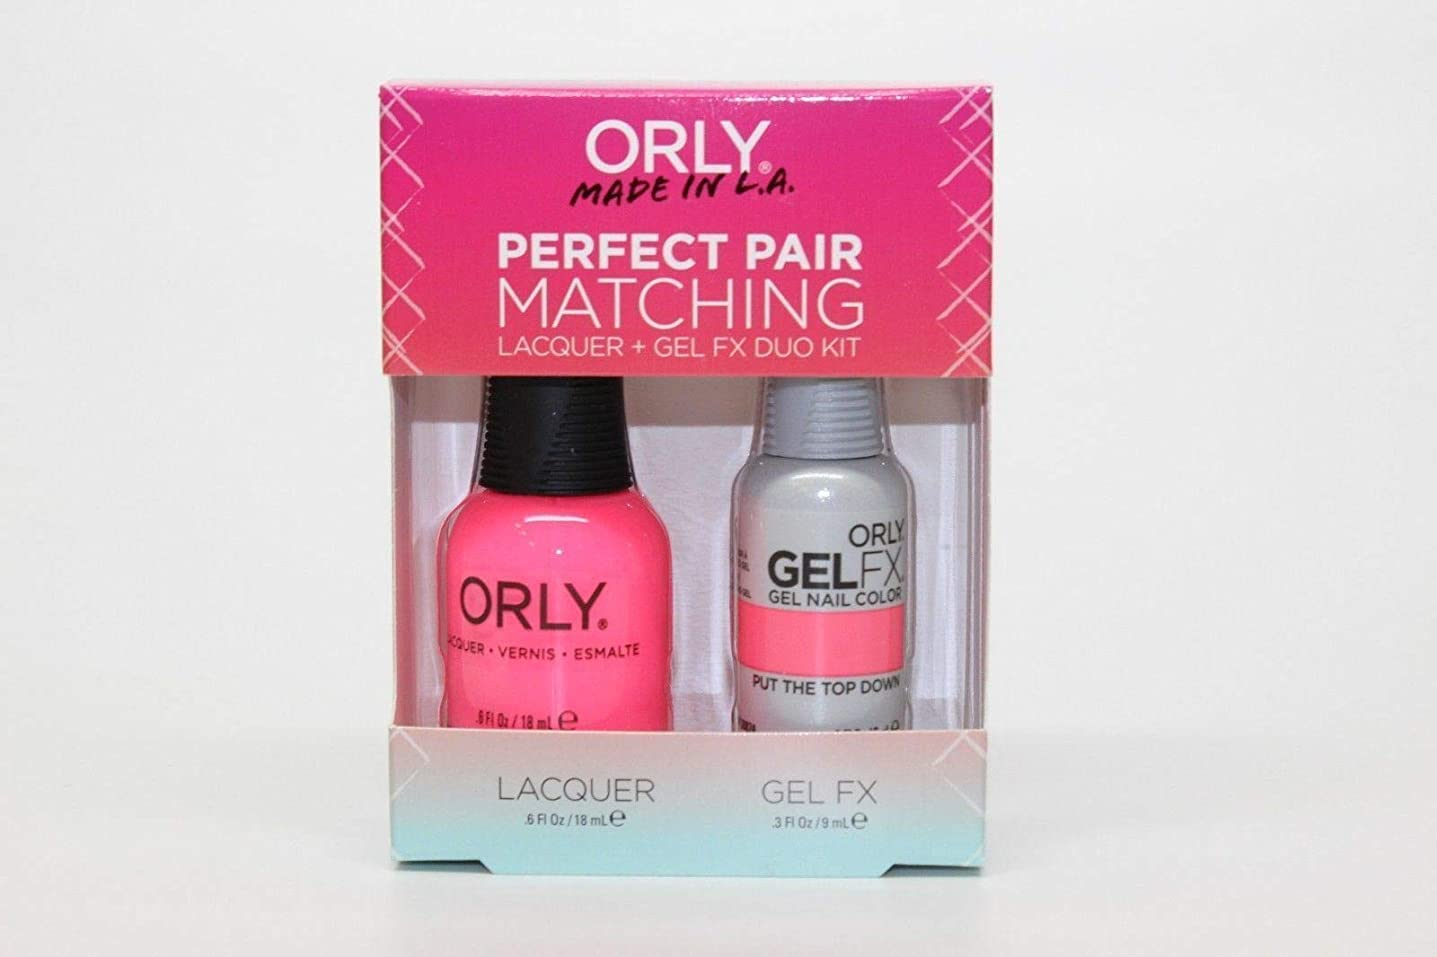 公爵夫人ズームインする刺繍Orly - Perfect Pair Matching Lacquer+Gel FX Kit - Put The Top Down - 0.6 oz / 0.3 oz